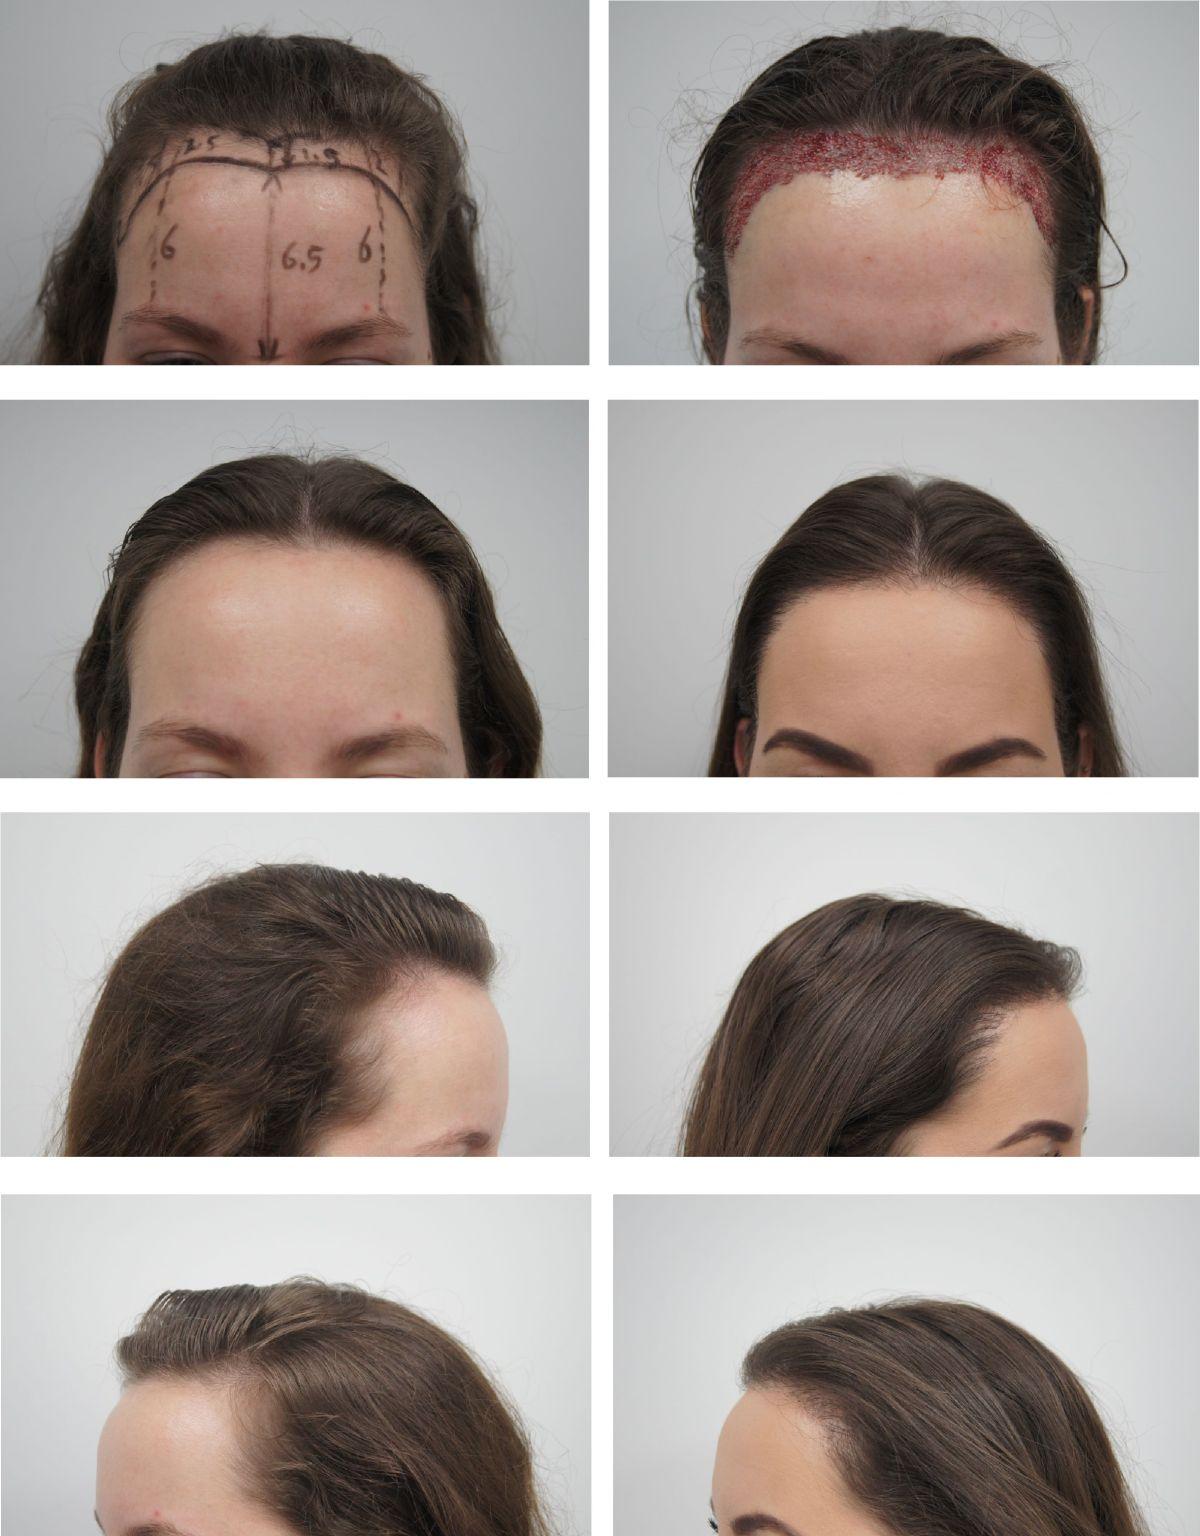 haartransplantatie voor en na een behandeling, haarlijn verlagen, voorhoofd verkleinen, vrouw